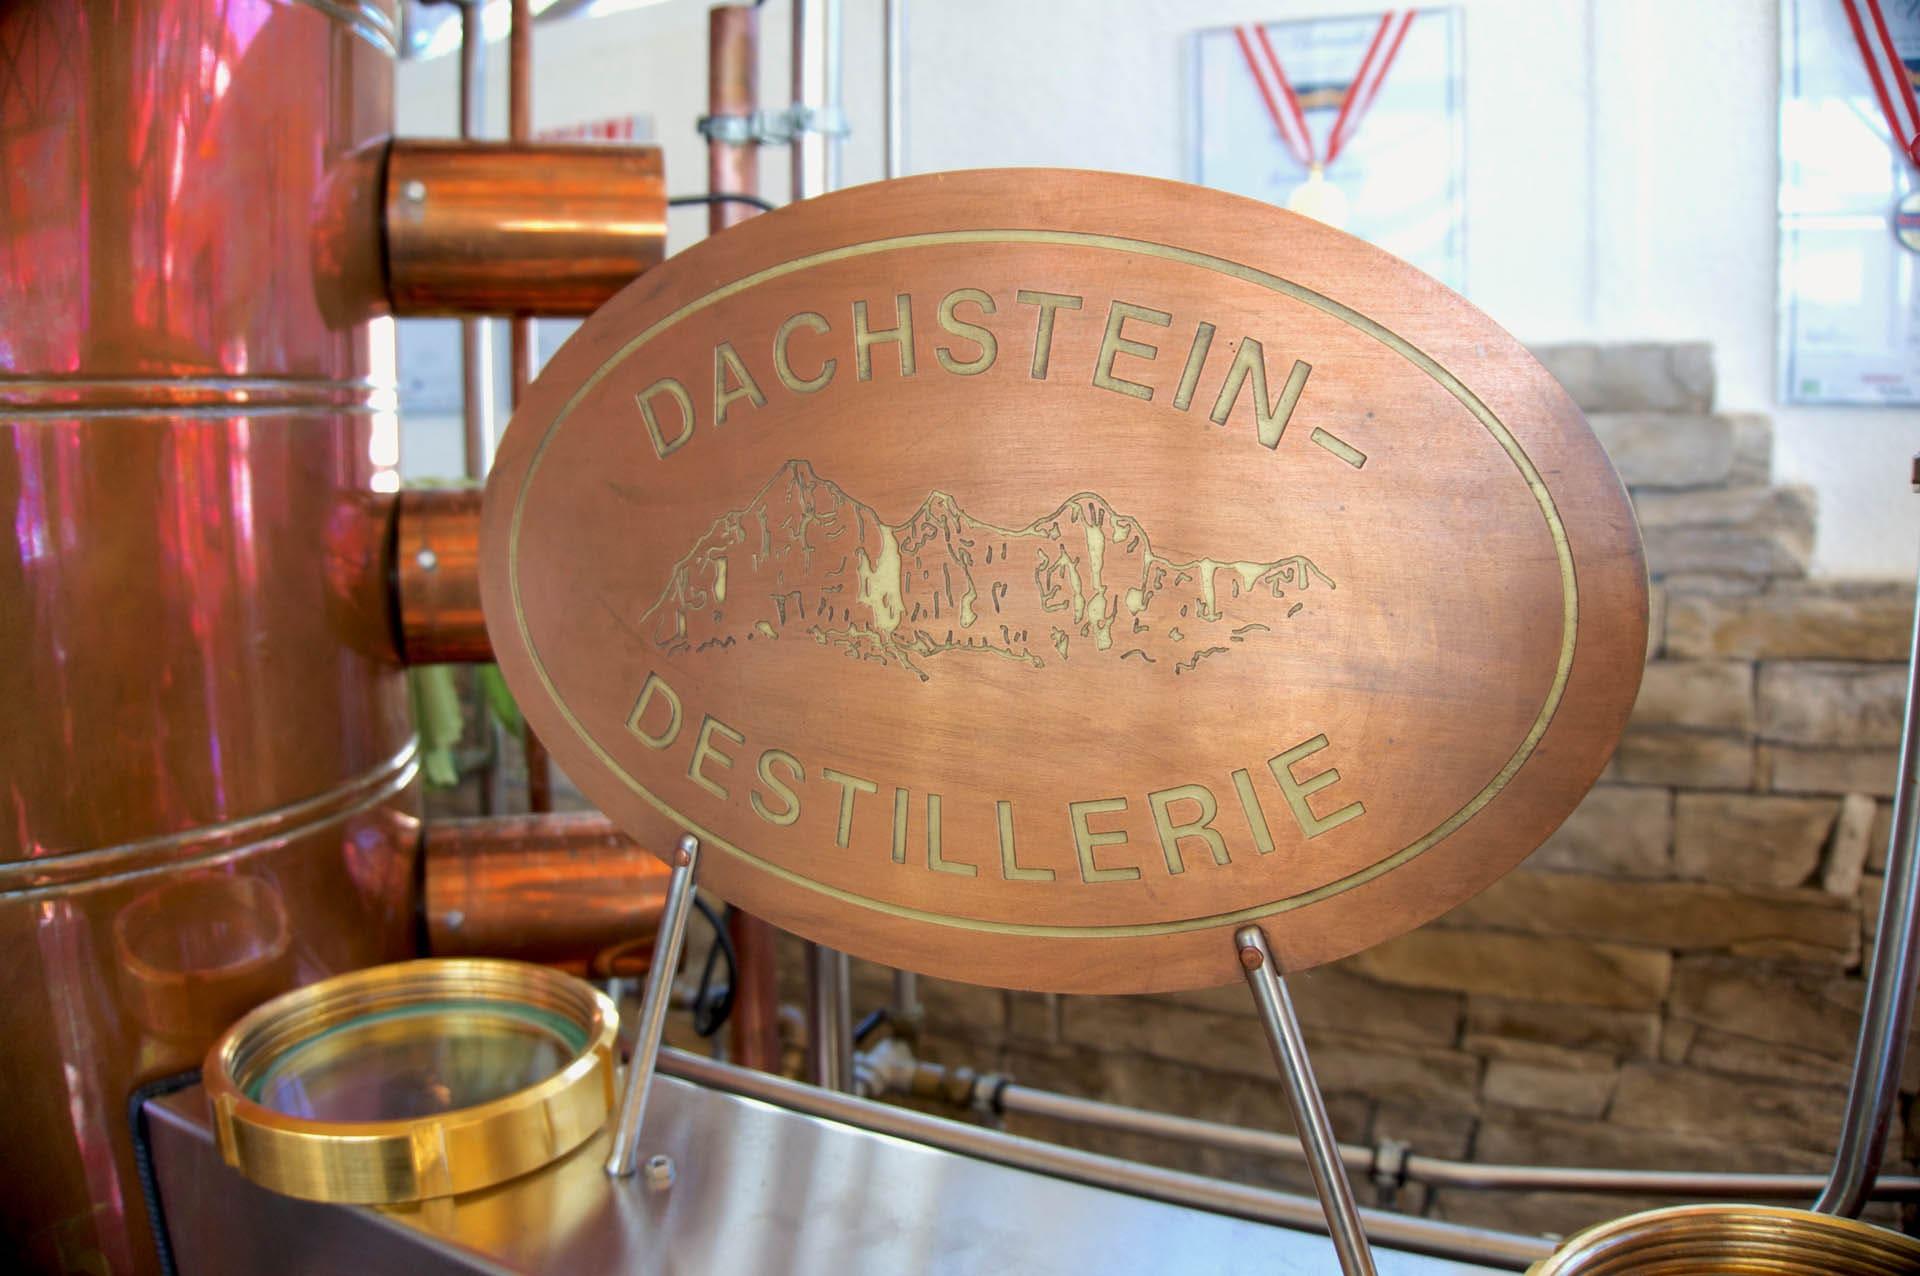 Die Dachstein Destillerie am Mandlberggut - Feinste Schnäpse aus bestem Gebirgswasser gebrannt blogHuette.at image 10